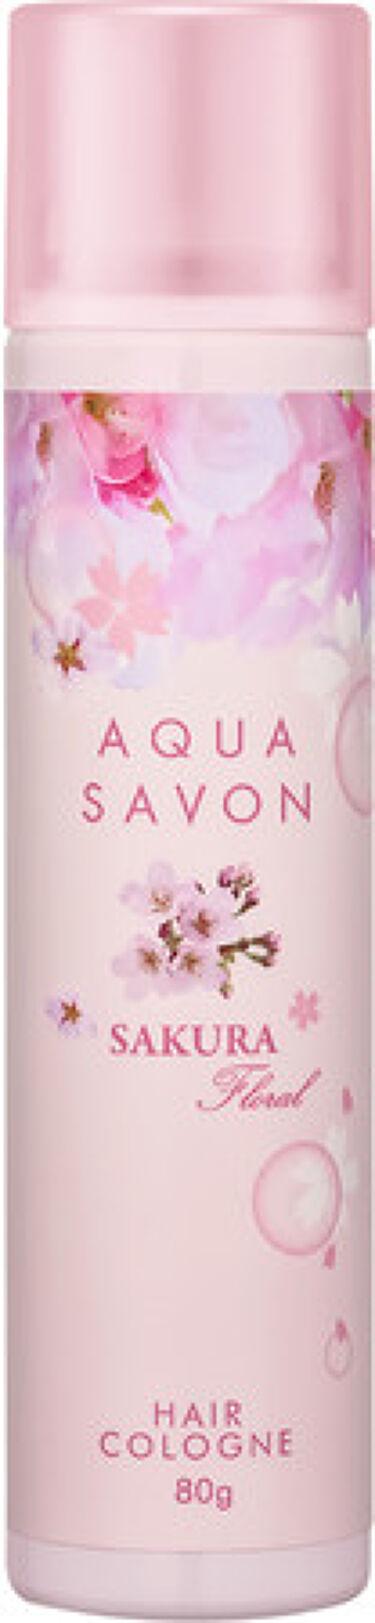 2021/1/8発売 アクアシャボン フレグランスヘアコロン サクラフローラルの香り